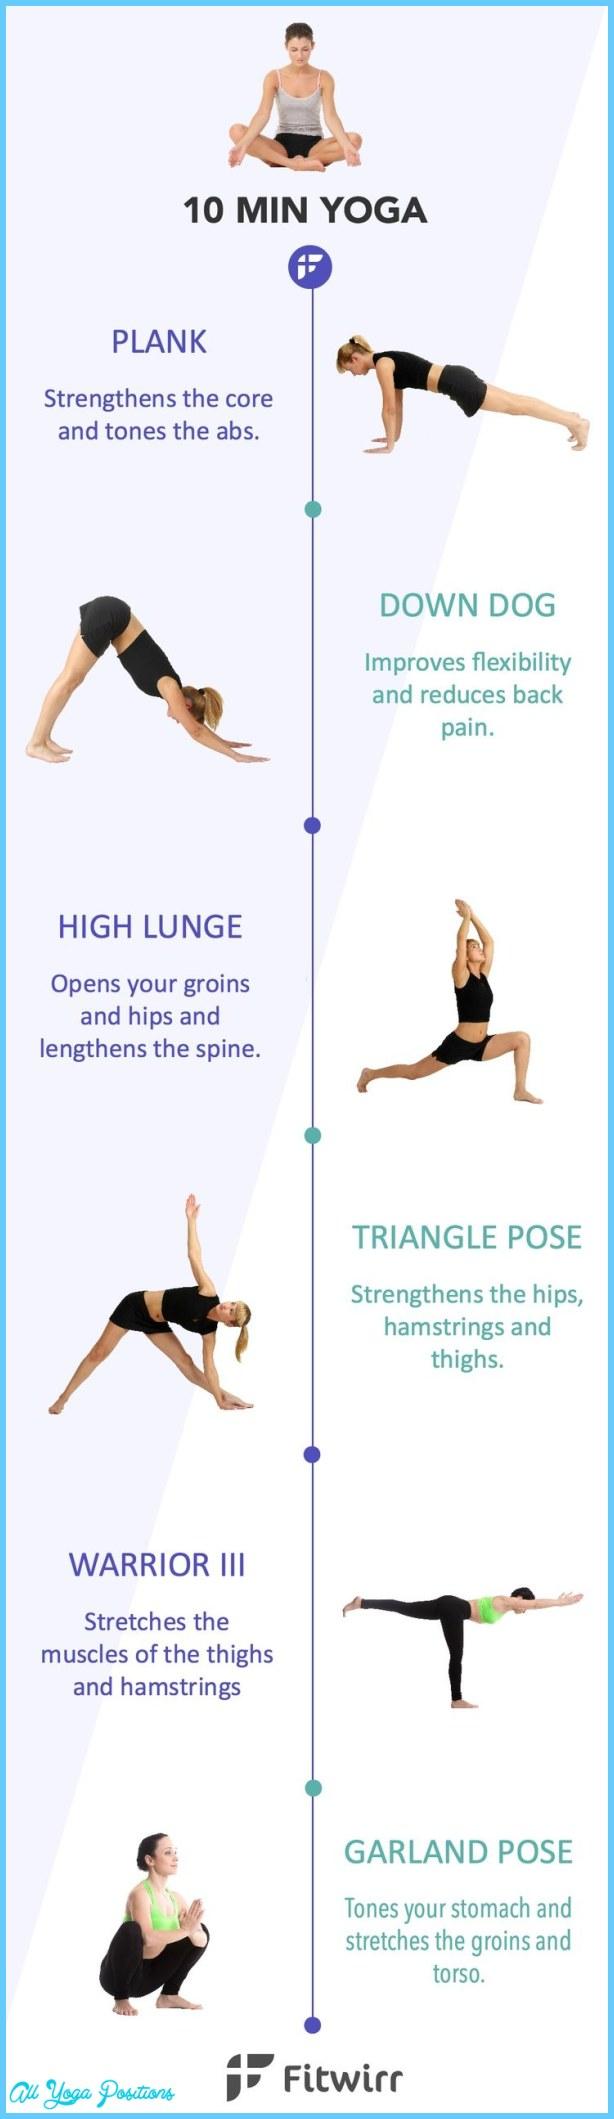 10 Basic Yoga Poses_4.jpg